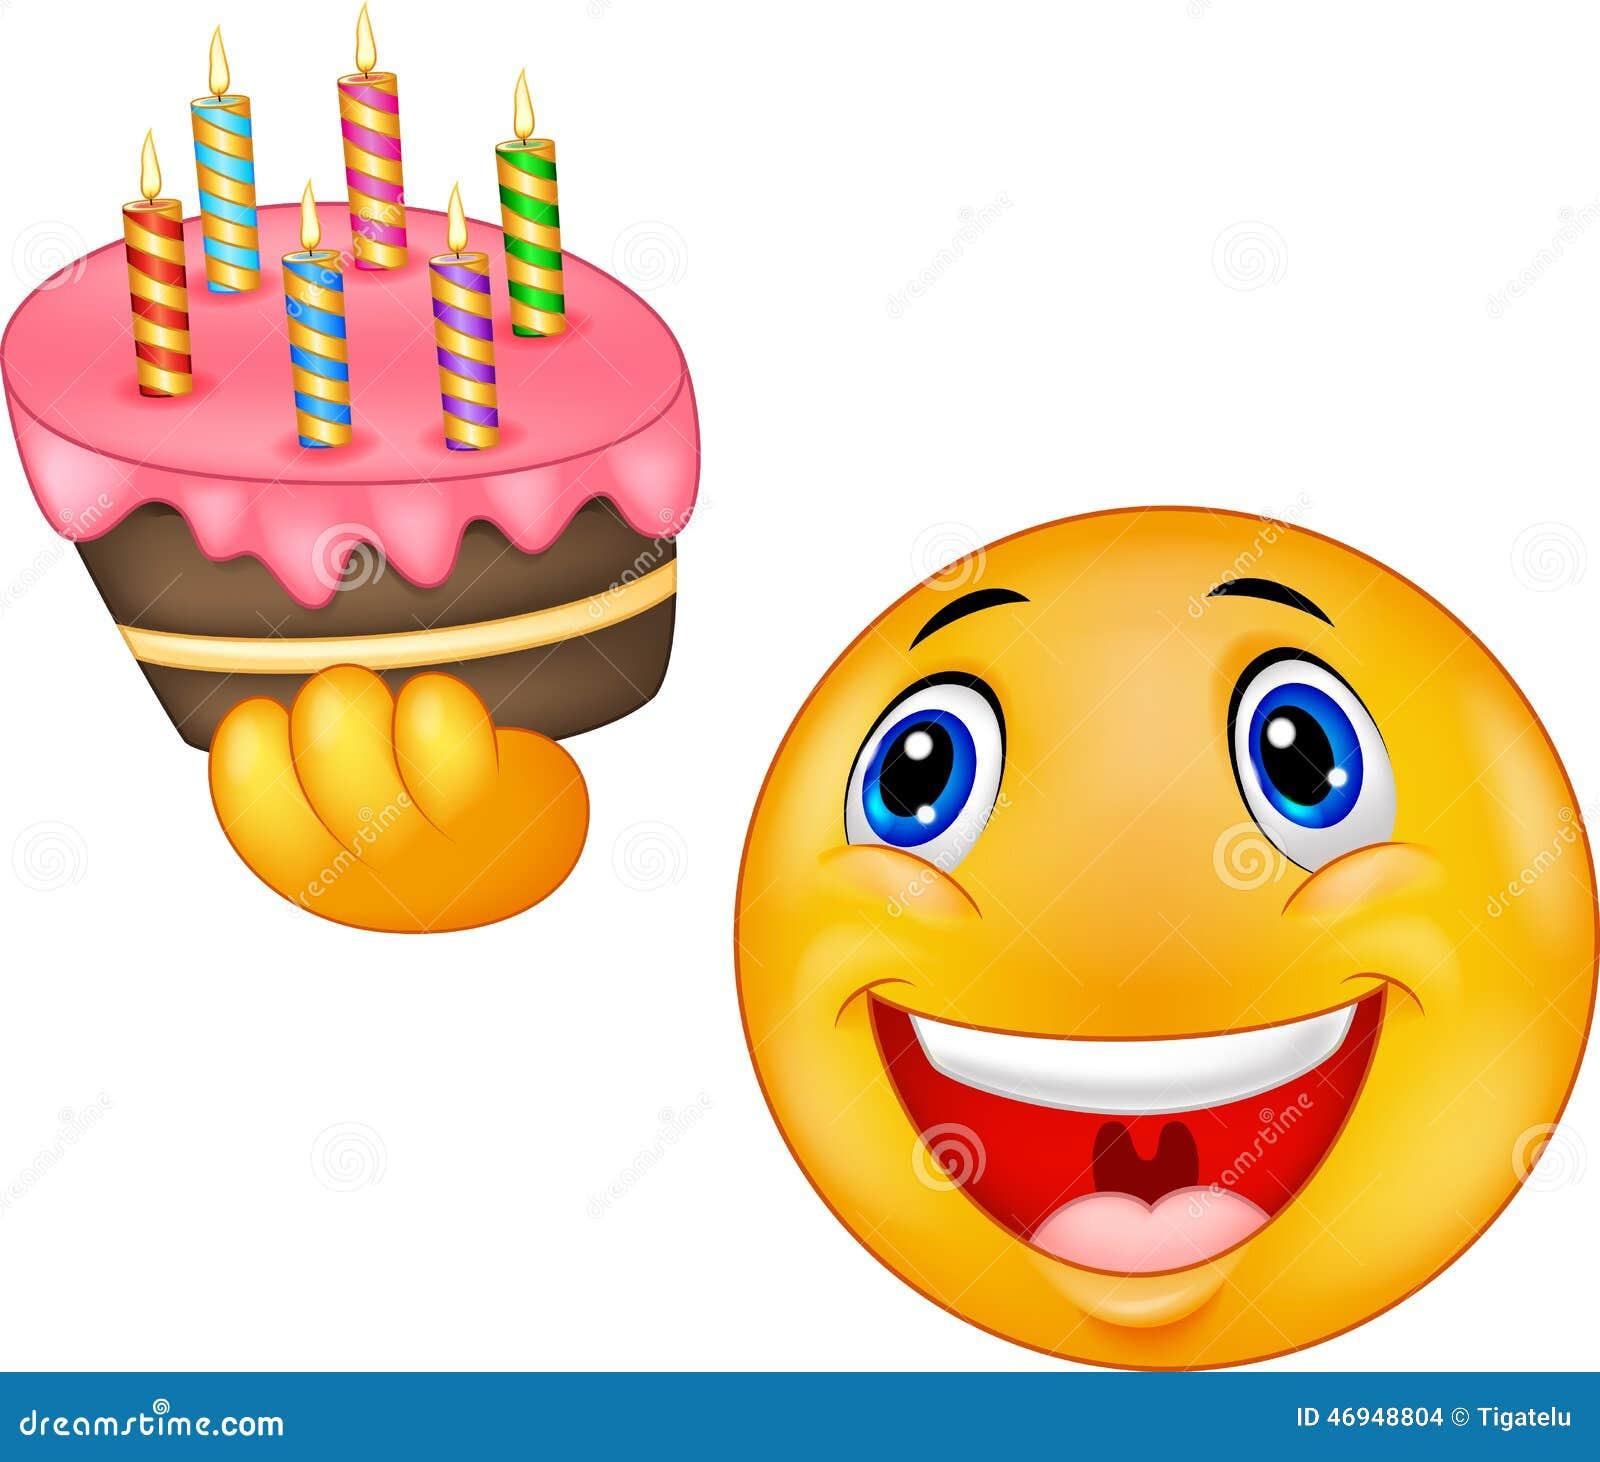 Famoso Emoticon di compleanno foto stock - Iscriviti Gratis CX67